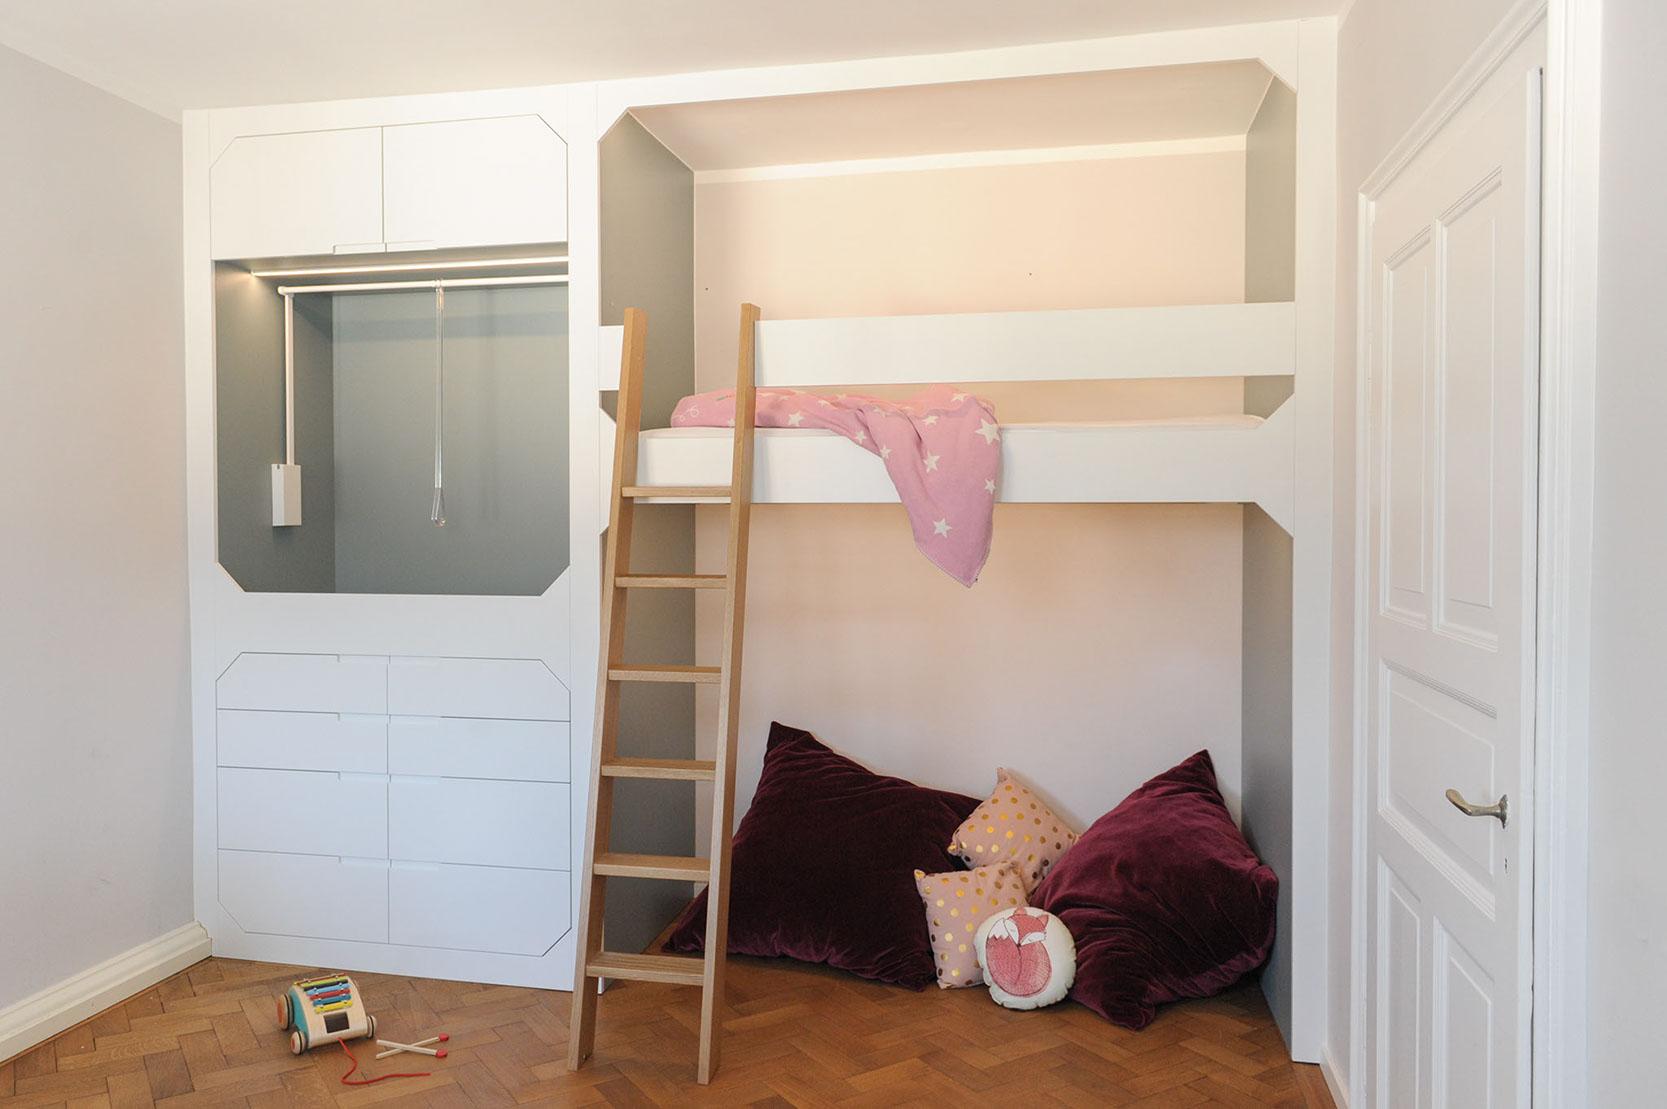 Full Size of Hochbetten Kinderzimmer Schreinerei Teko Schreiner In Mnchen Sofa Regal Regale Weiß Kinderzimmer Hochbetten Kinderzimmer